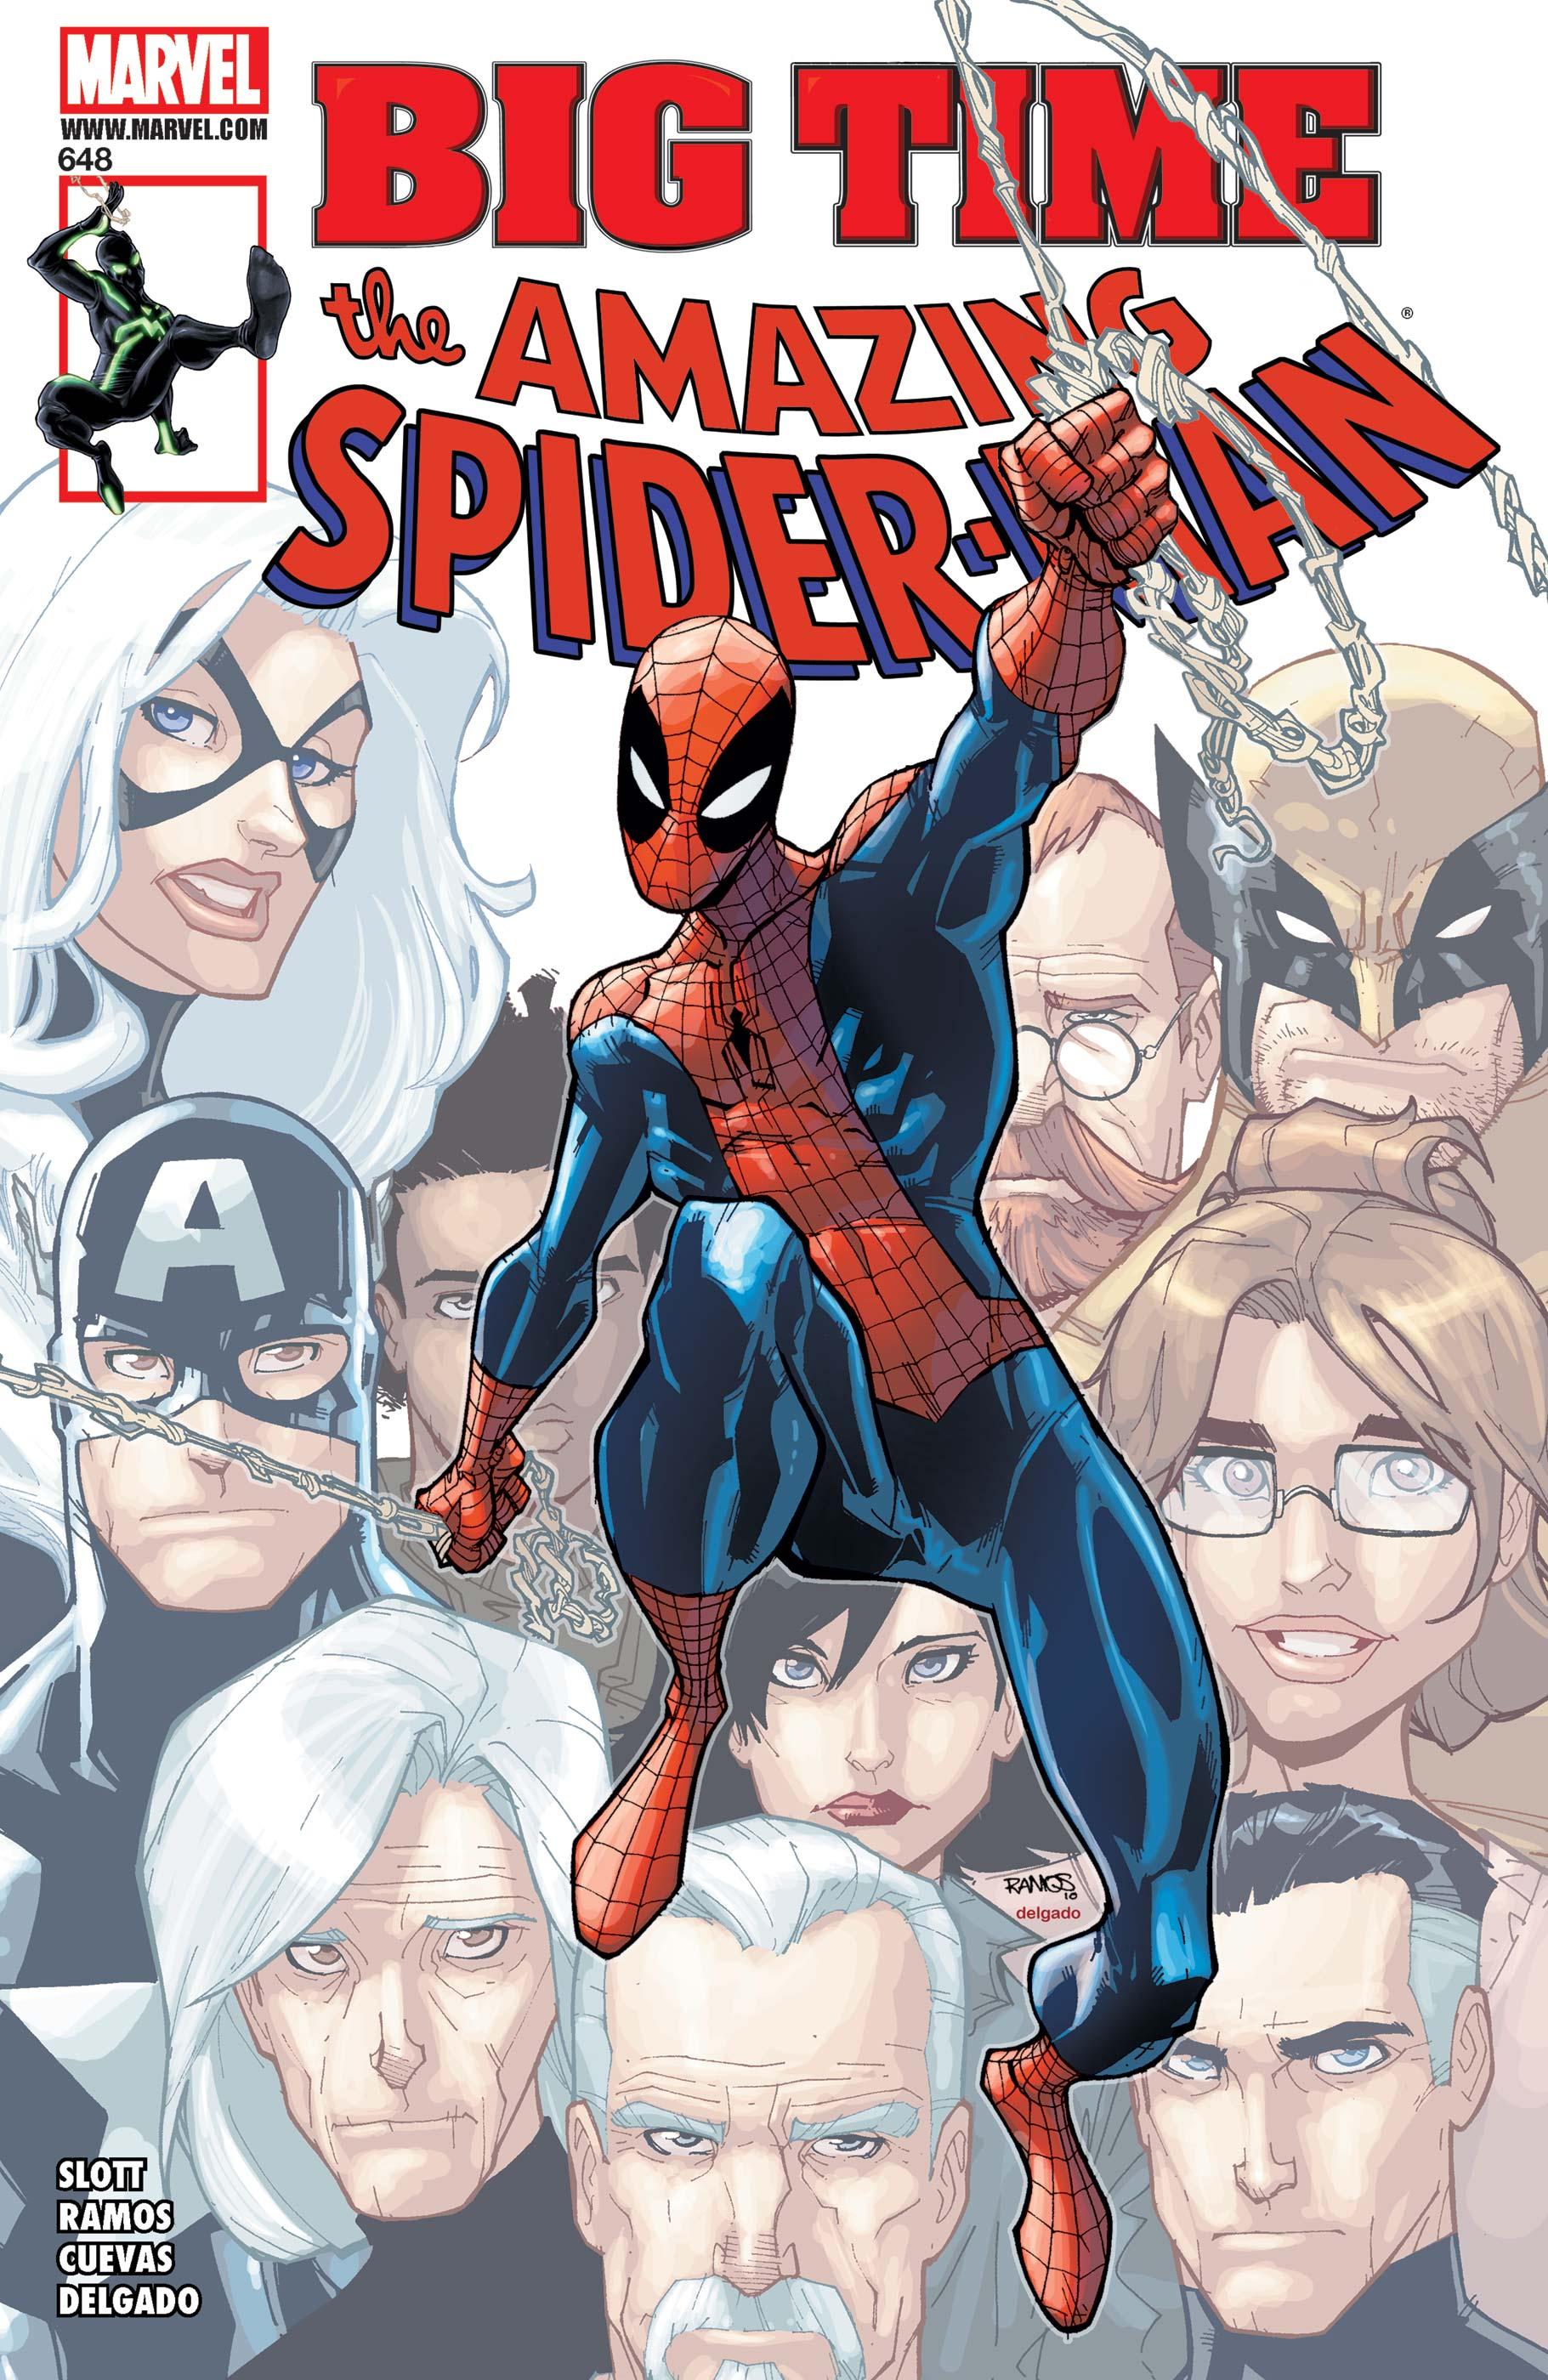 Amazing Spider-Man (1999) #648